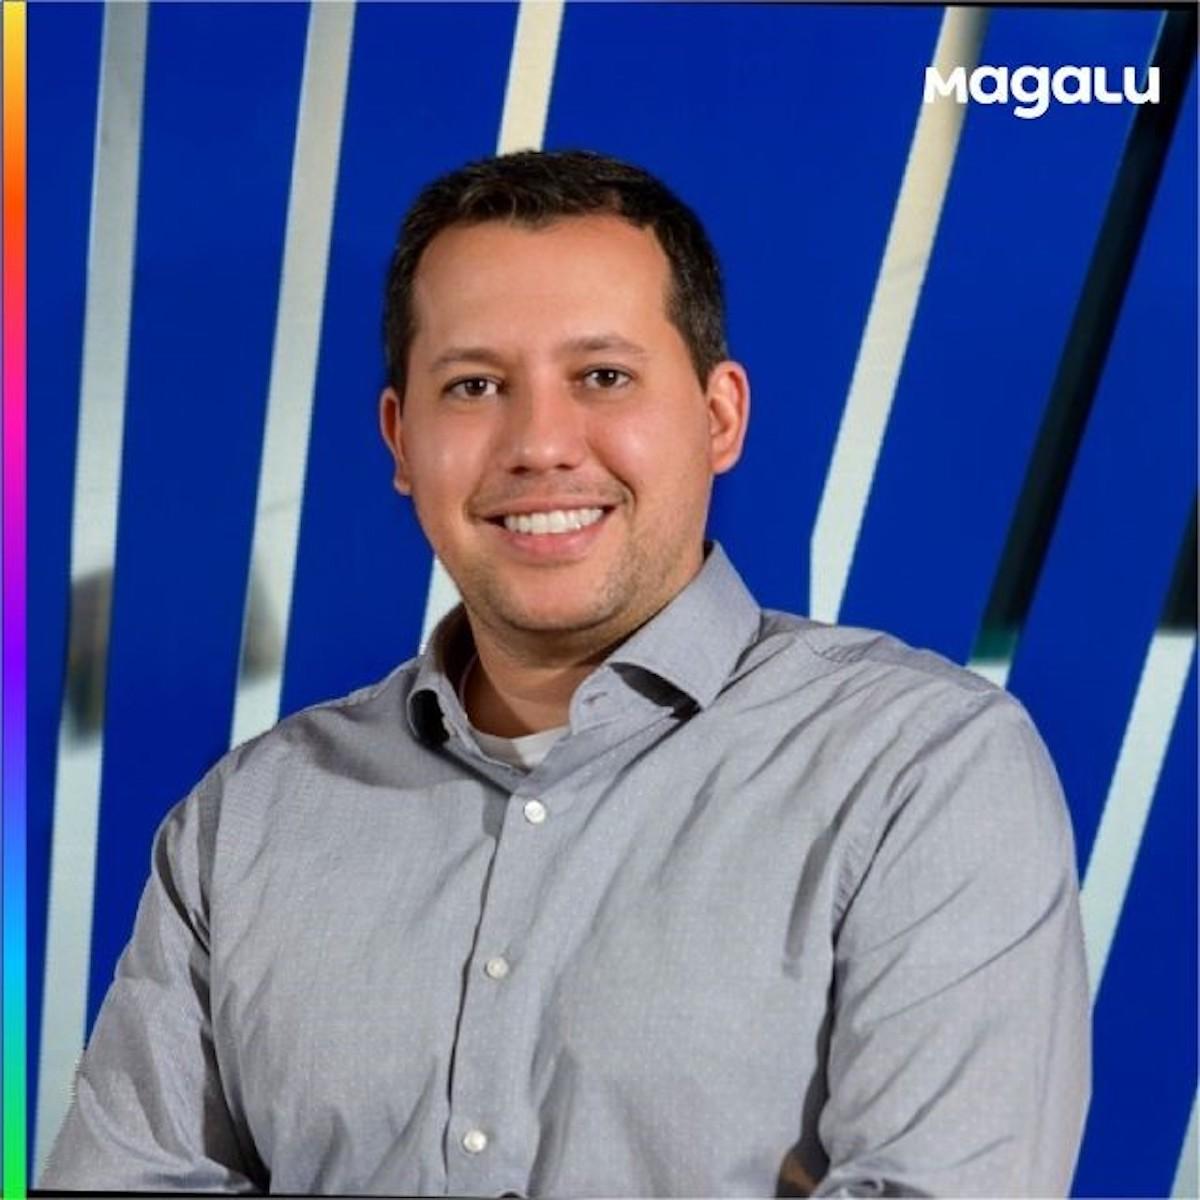 Luizacred, joint venture do Itaú com a Magalu, lança cartão digital sem anuidade e com cashback na MagaluPay